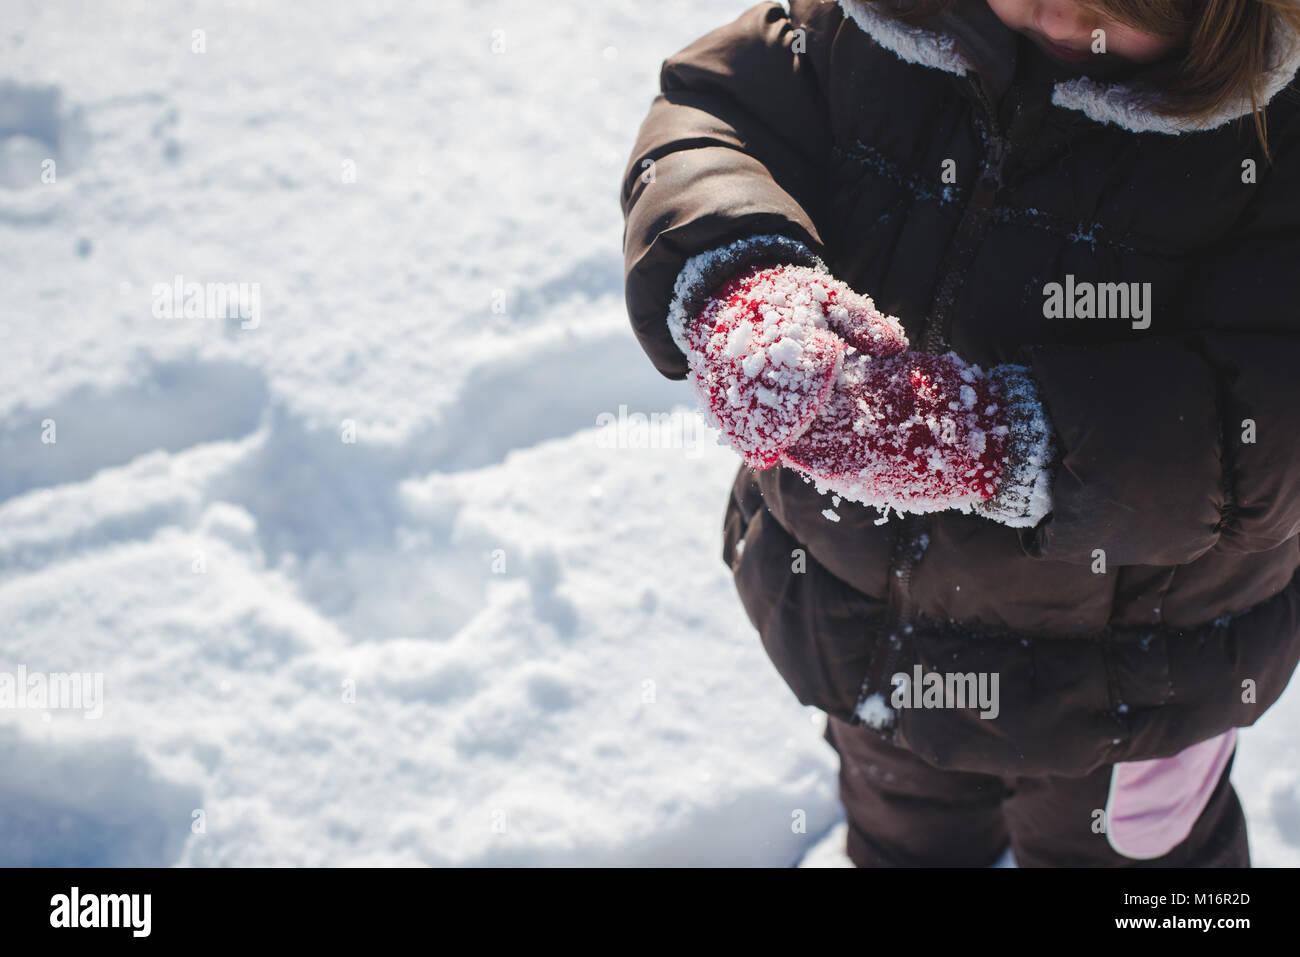 Un enfant de 3 ans, portant des vêtements d'hiver, mitaines d'hiver, joue dans la neige le long d'une Photo Stock